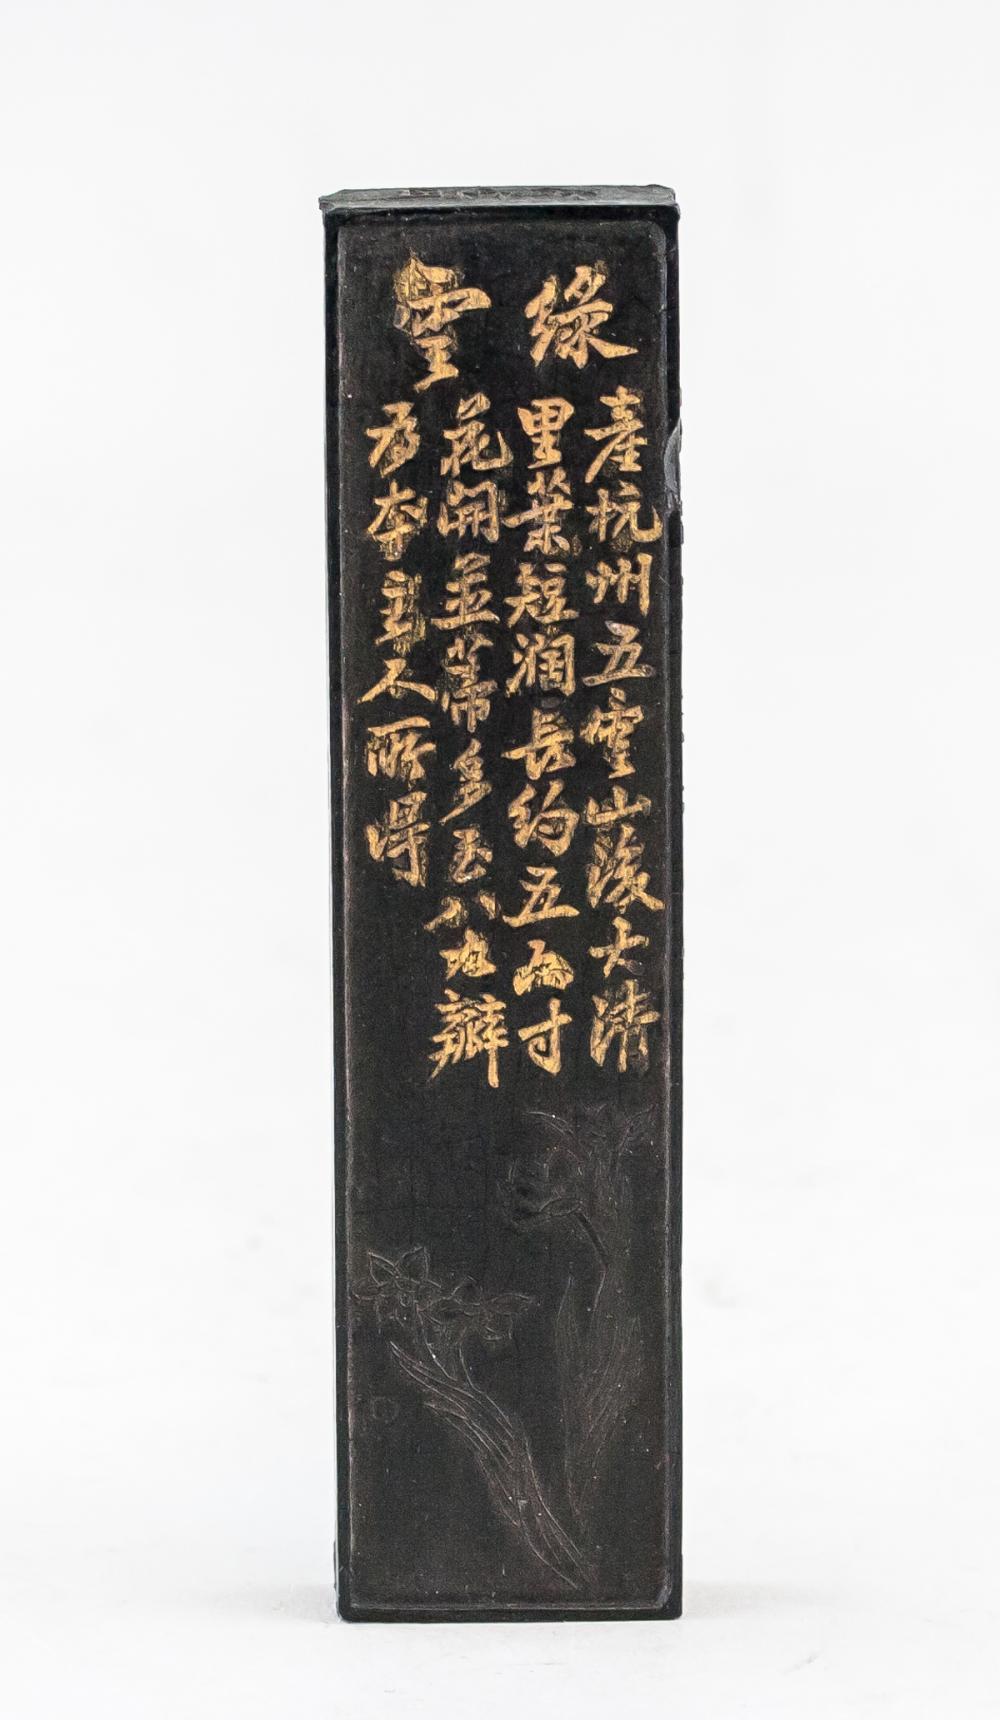 Lot 304: Chinese Ink Stick Wang Jinsheng & Shao Zhiyan MK